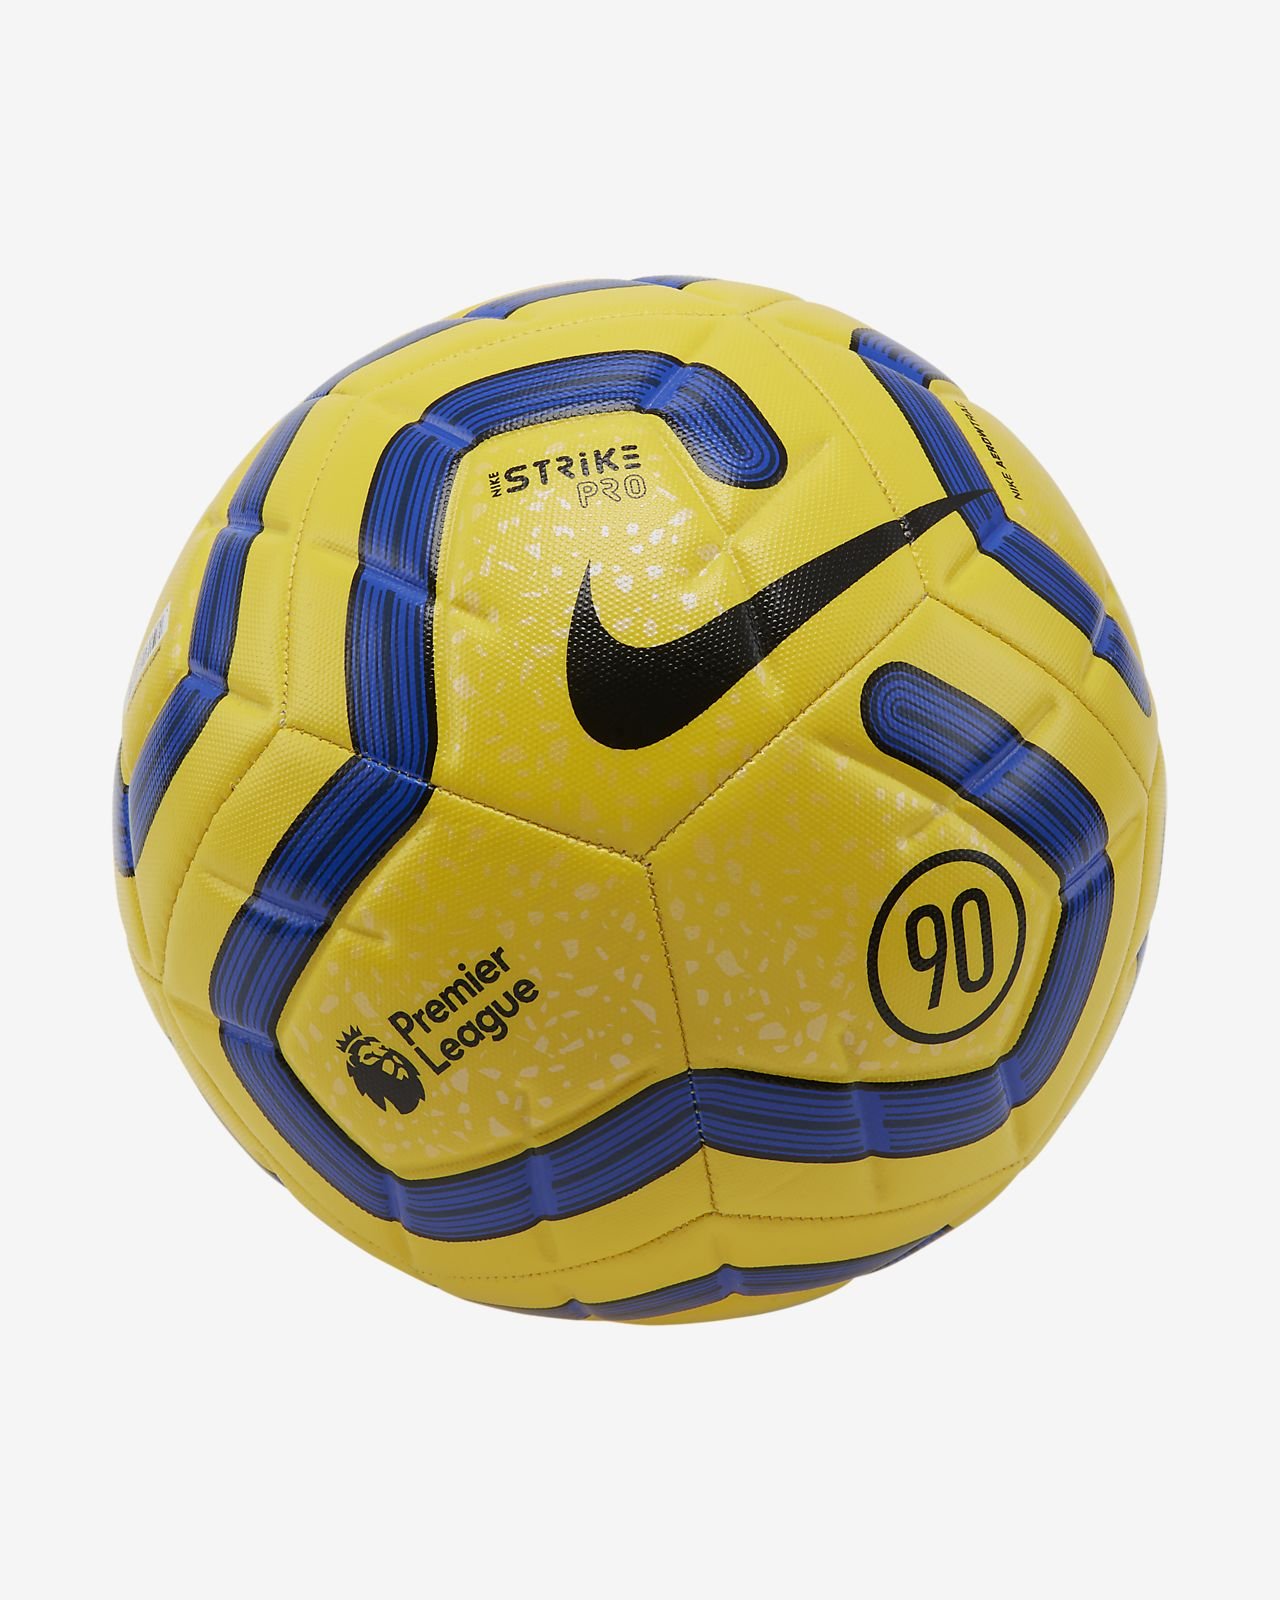 Fotbalový míč Premier League Strike Pro